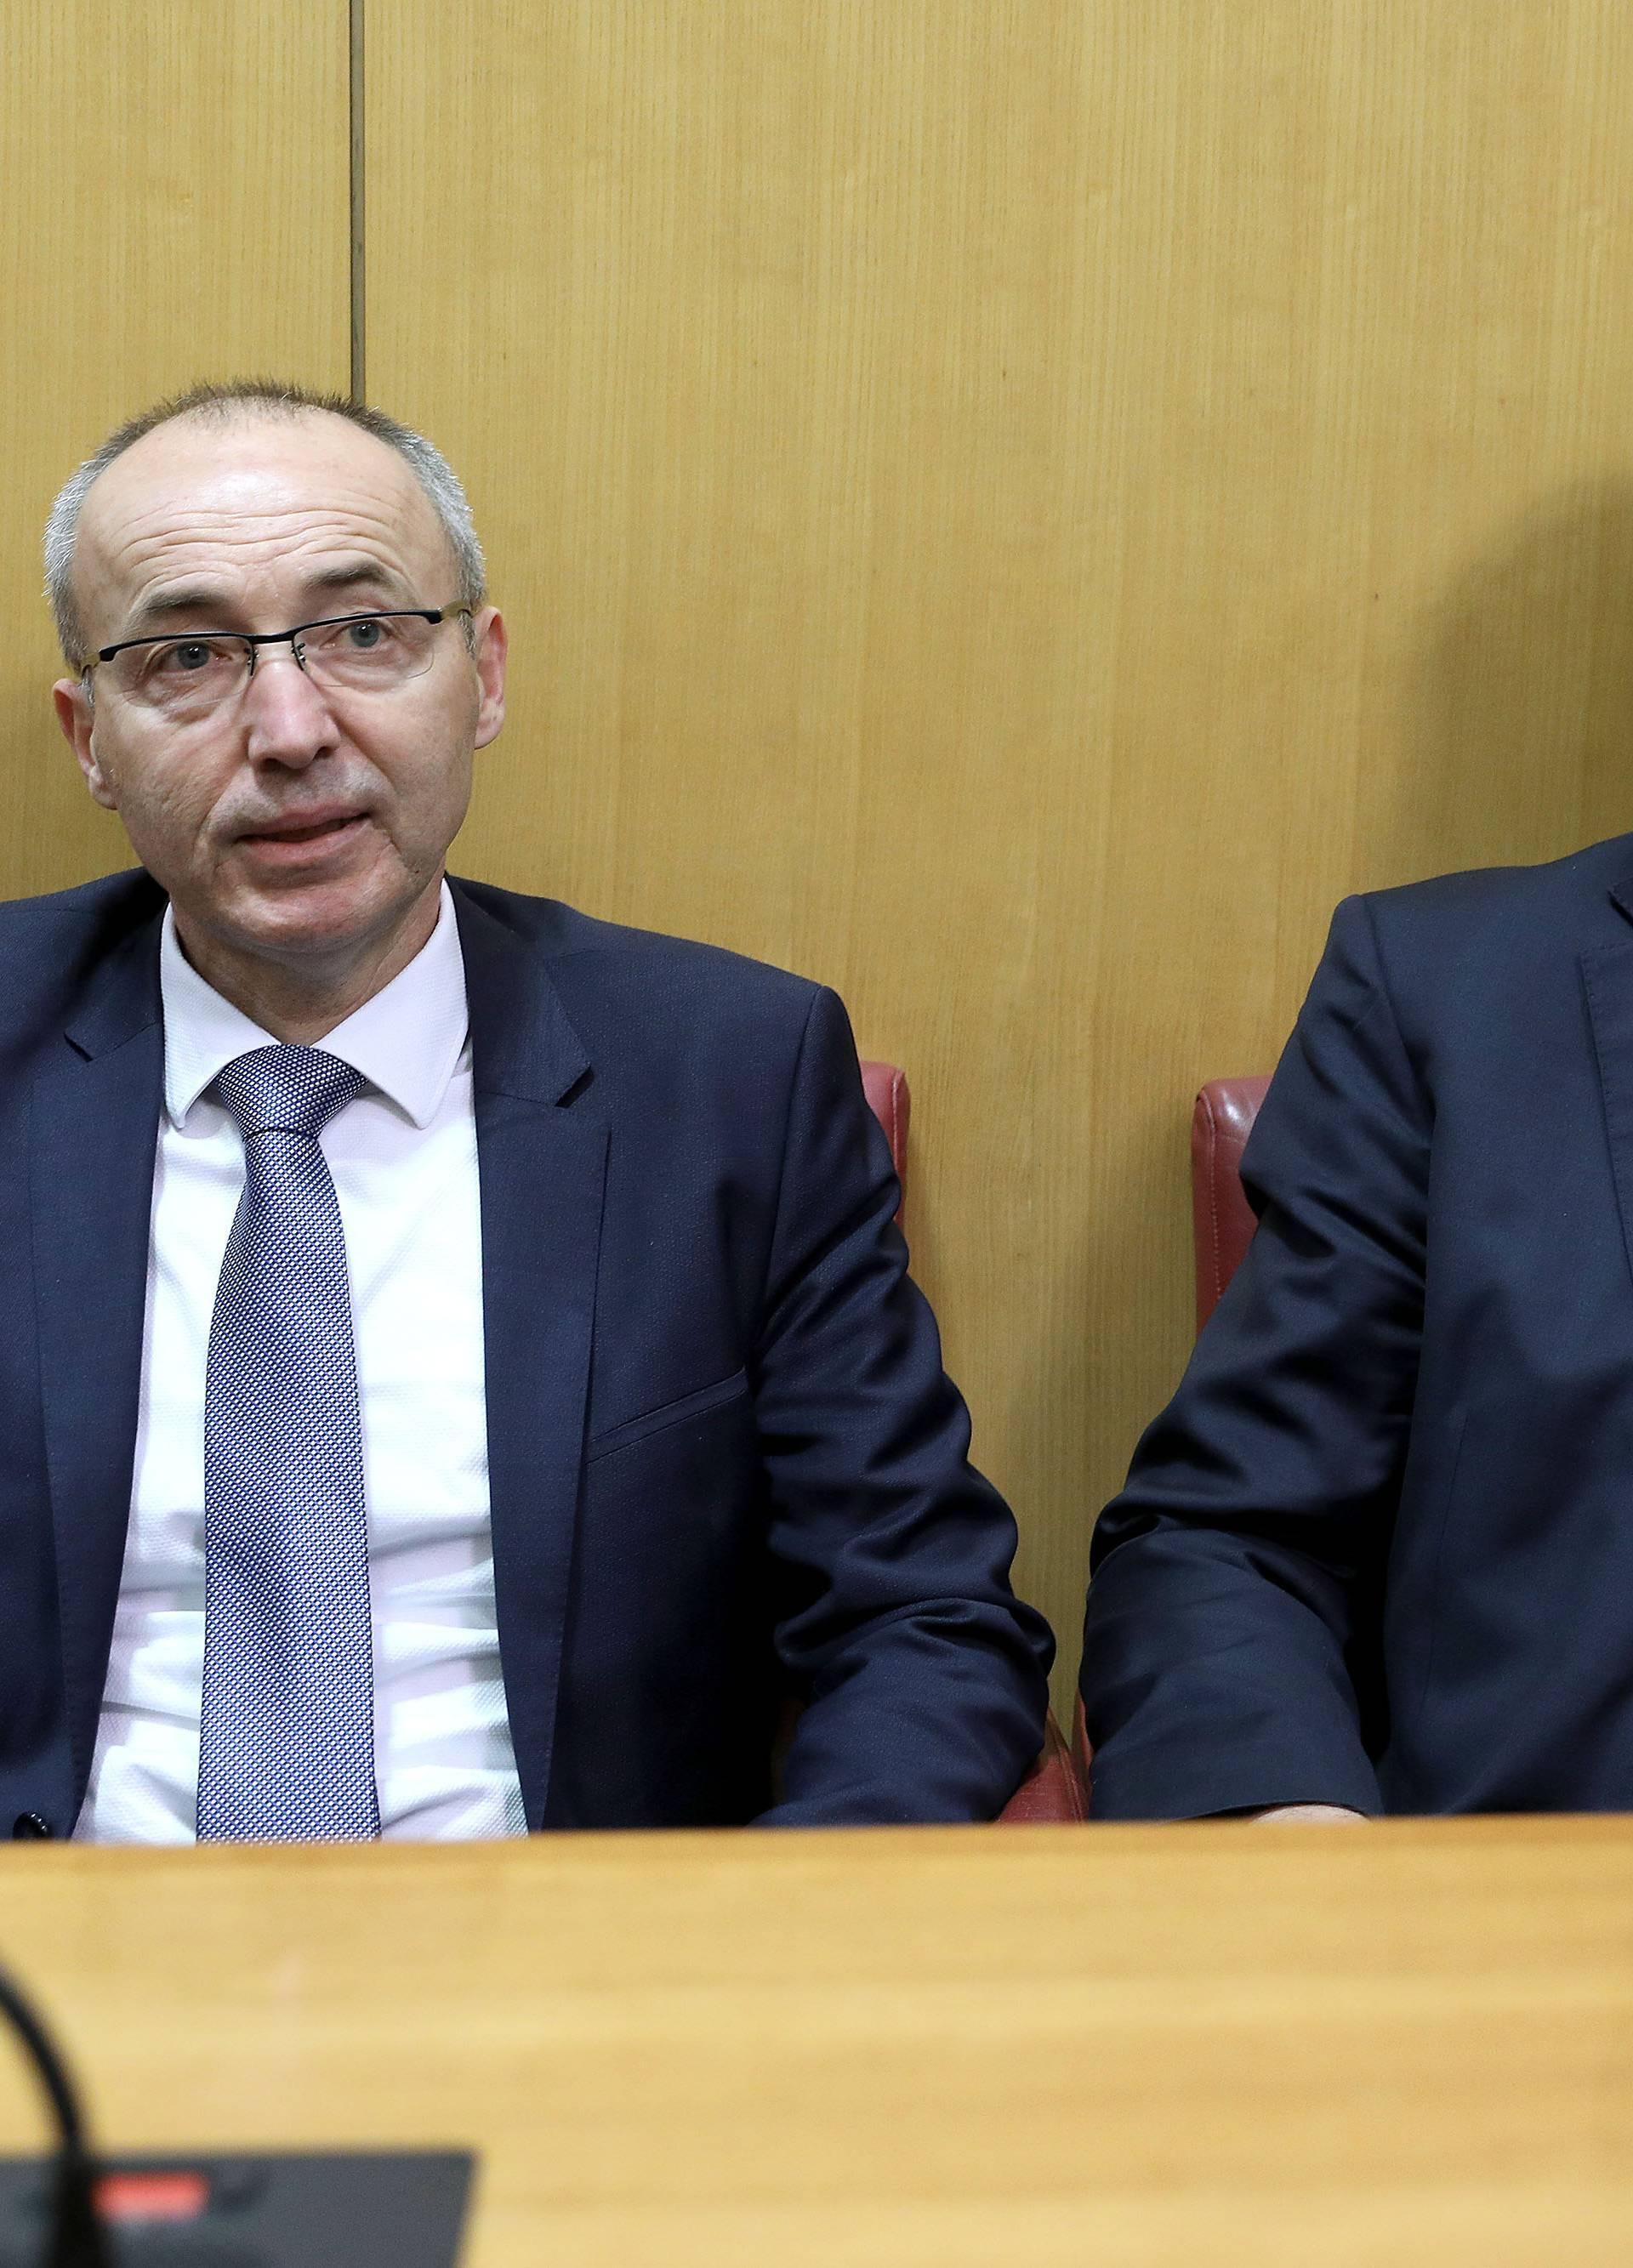 Krstičević Marasu: Neću dati ostavku zato što  ti to tražiš...